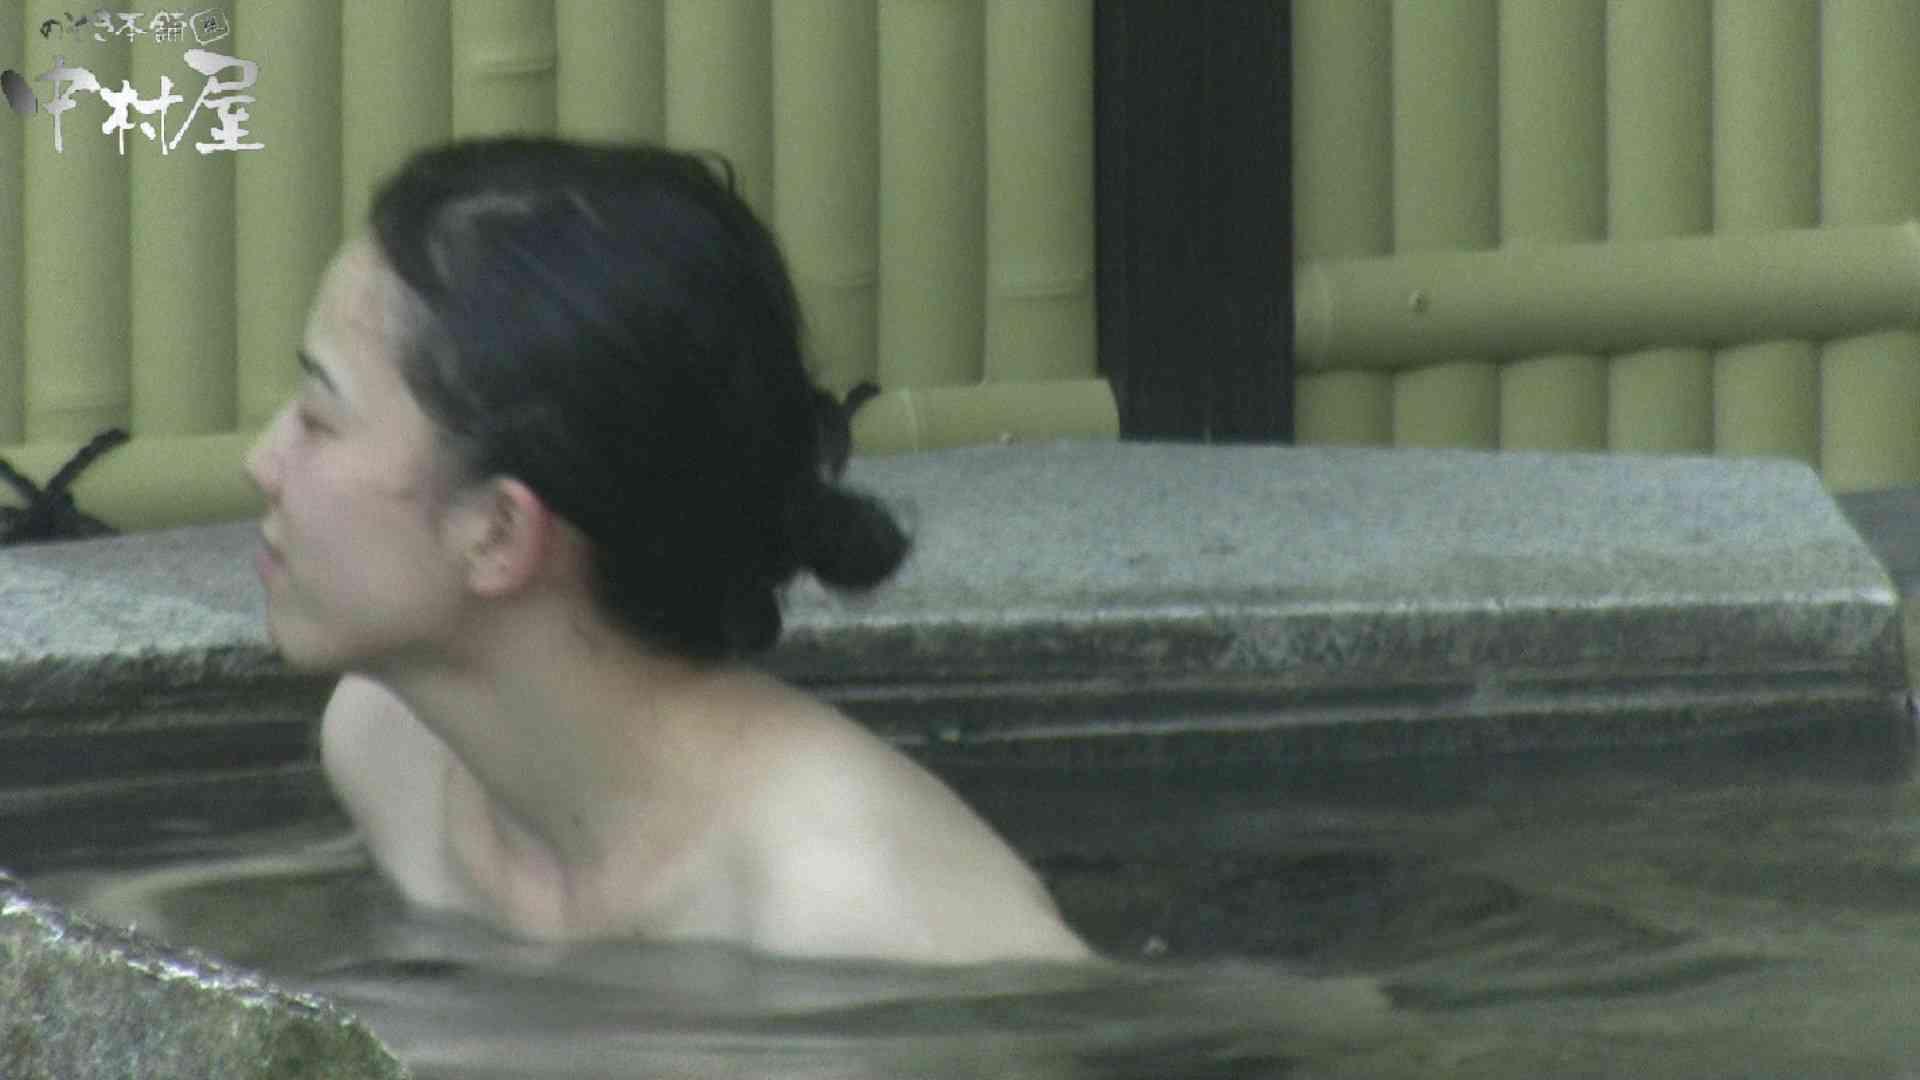 Aquaな露天風呂Vol.908 露天   盗撮  81pic 11